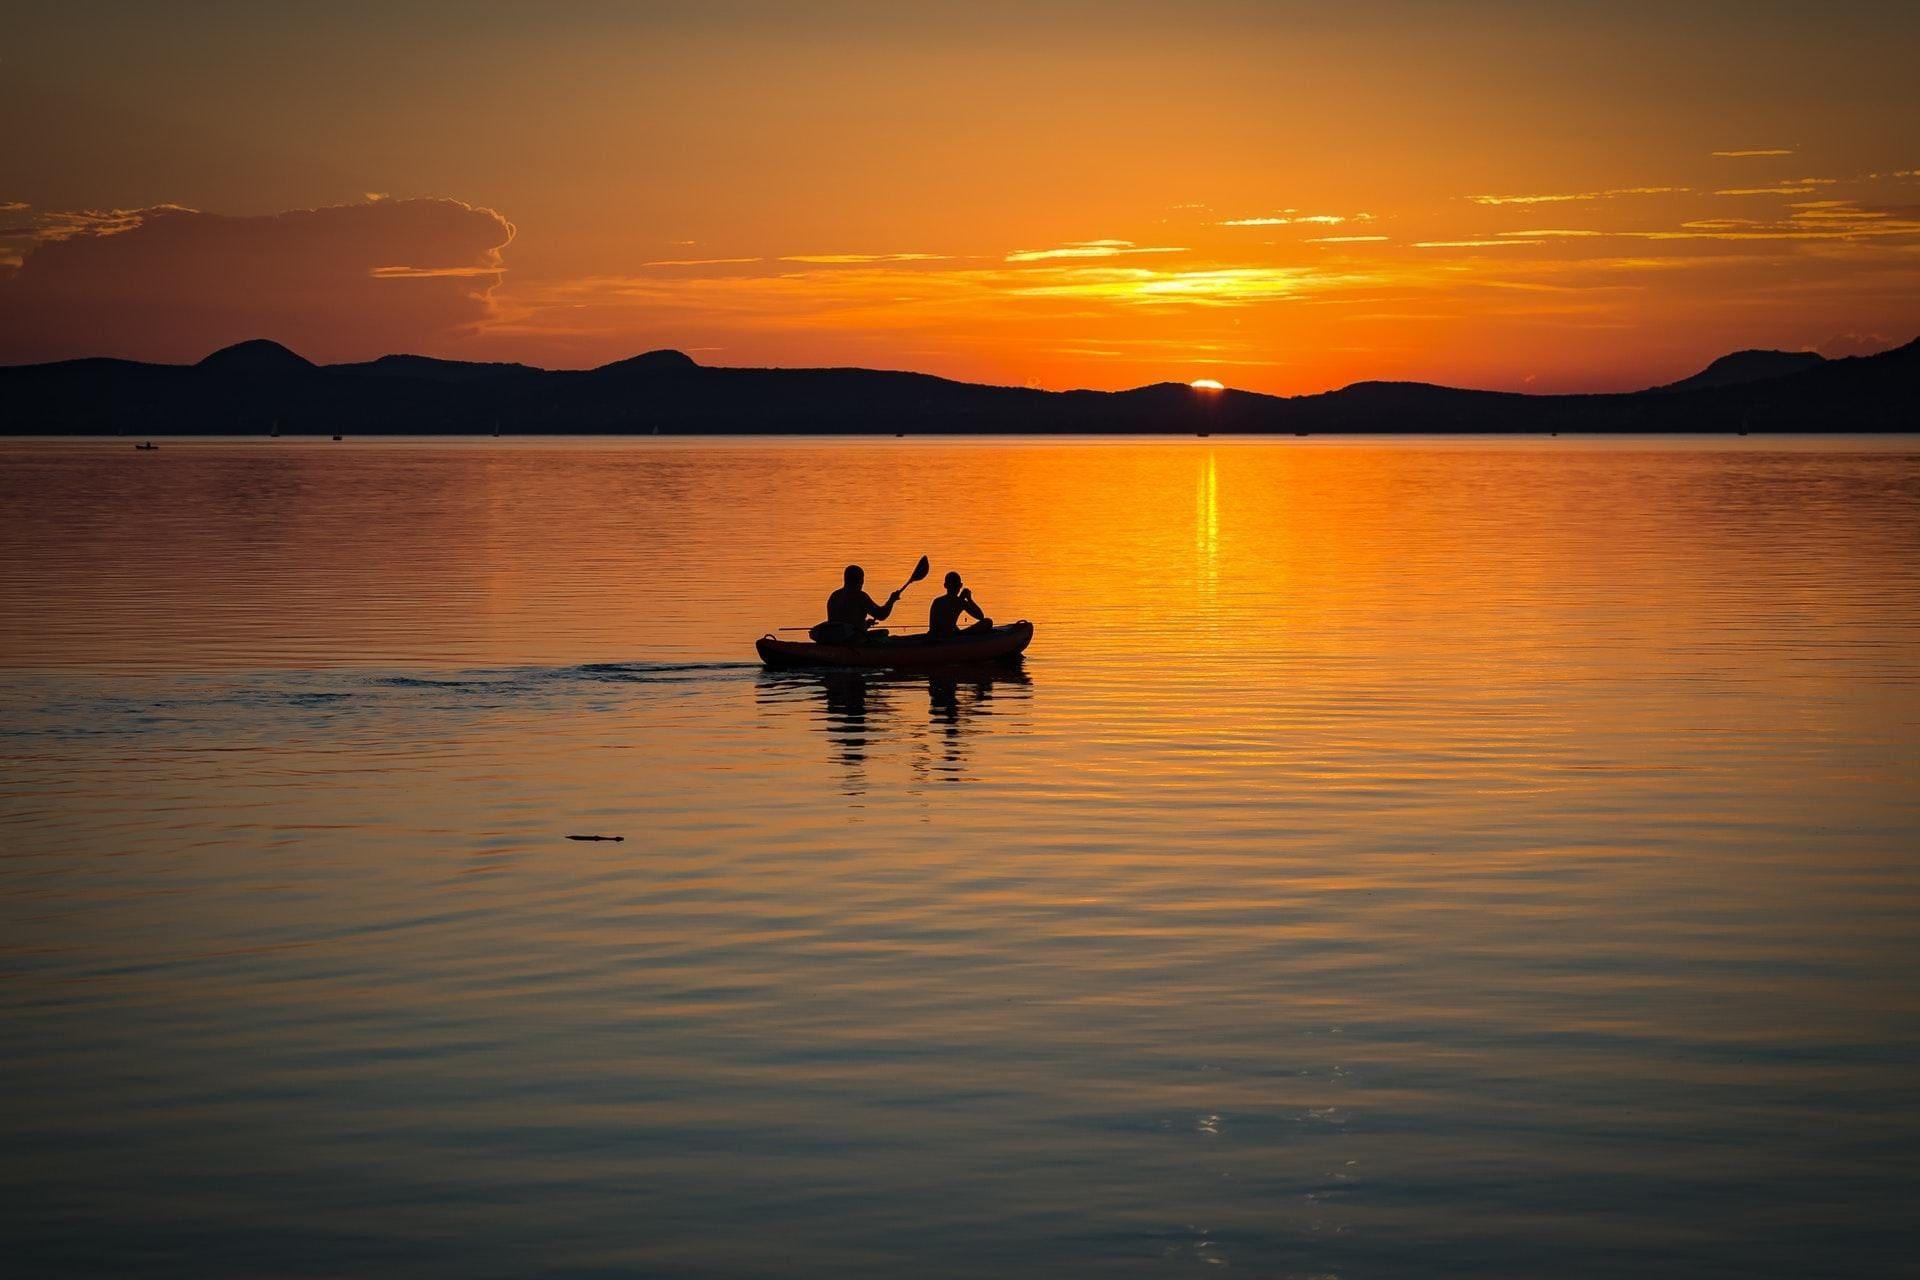 lake-balaton-sunset-lake-landscape-158045